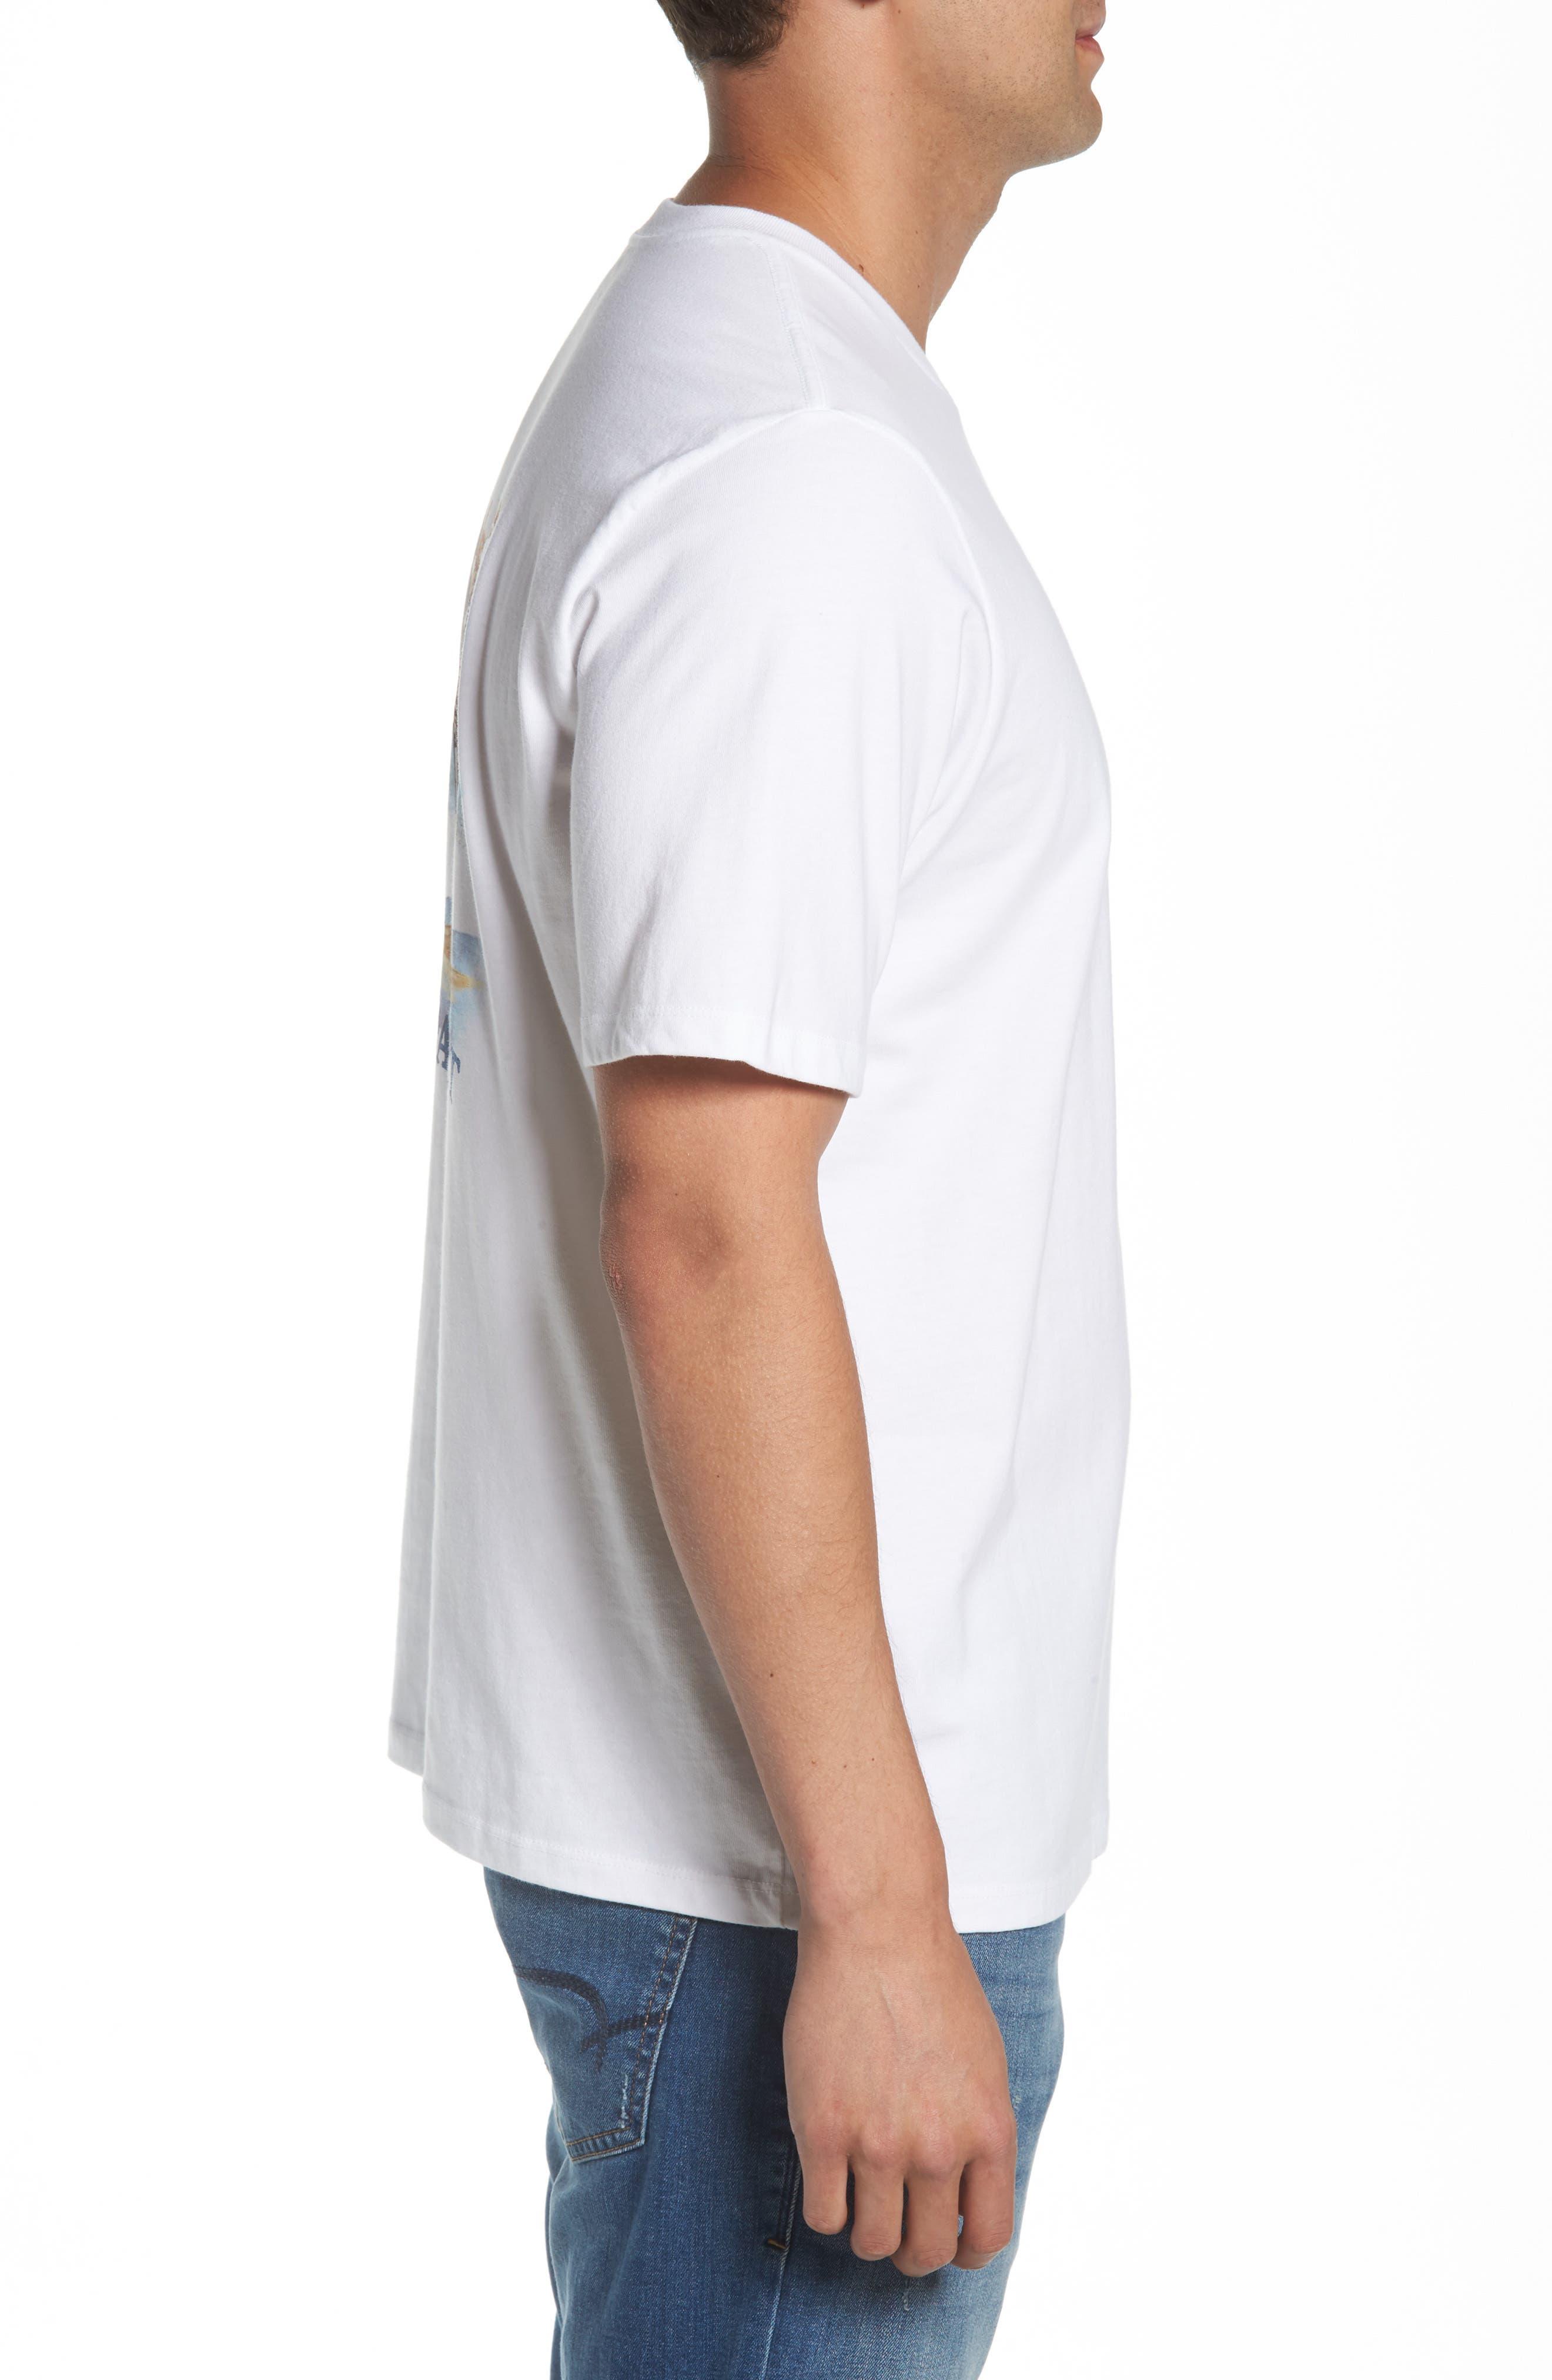 Pail-Eo Diet T-Shirt,                             Alternate thumbnail 3, color,                             100